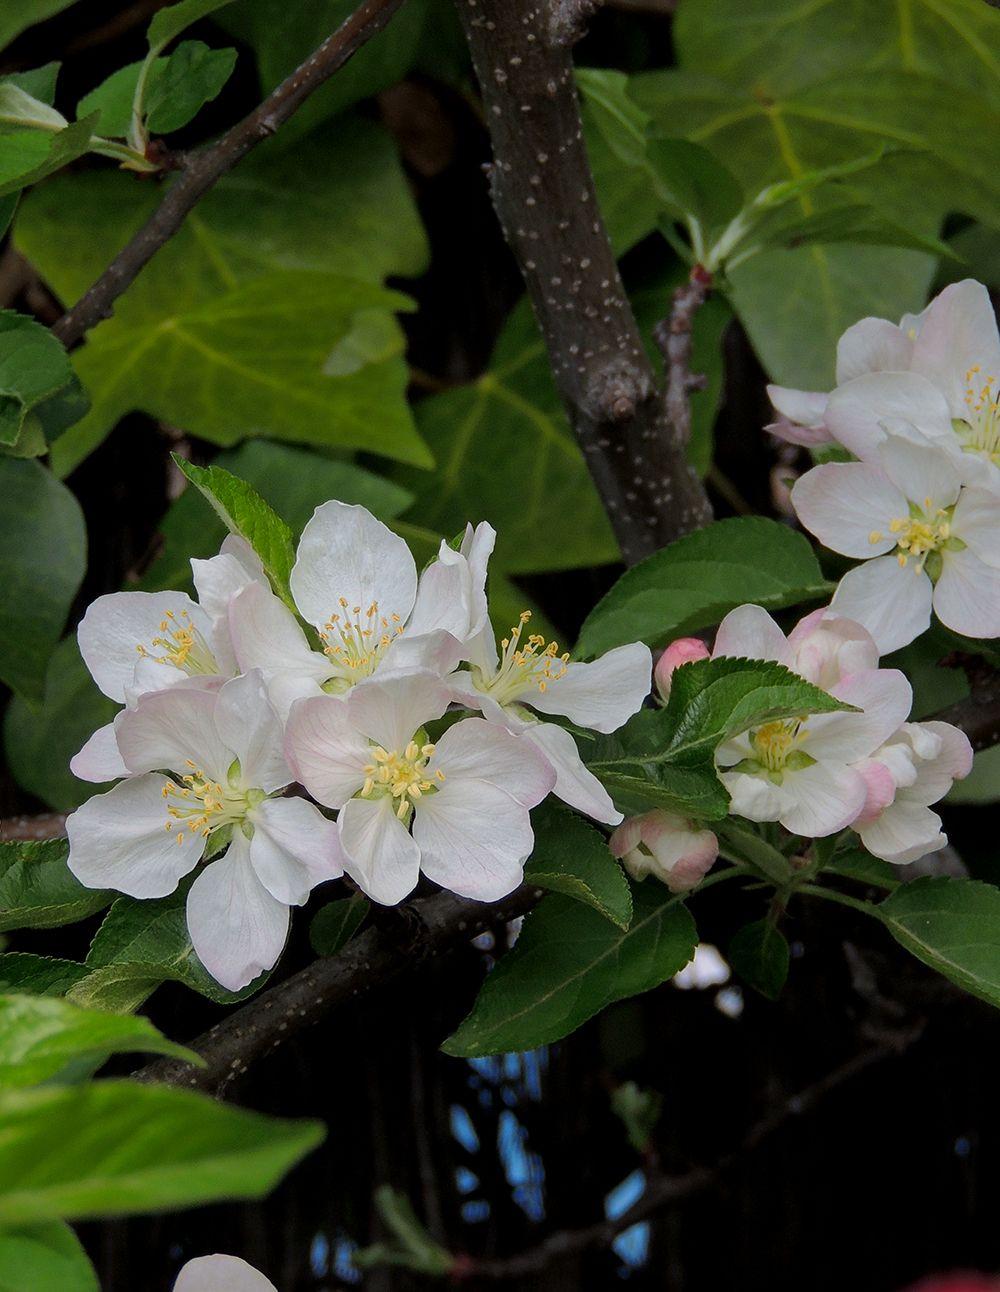 Flores de manzano.http://www.elhogarnatural.com/Frutales%20y%20Frutos.htm